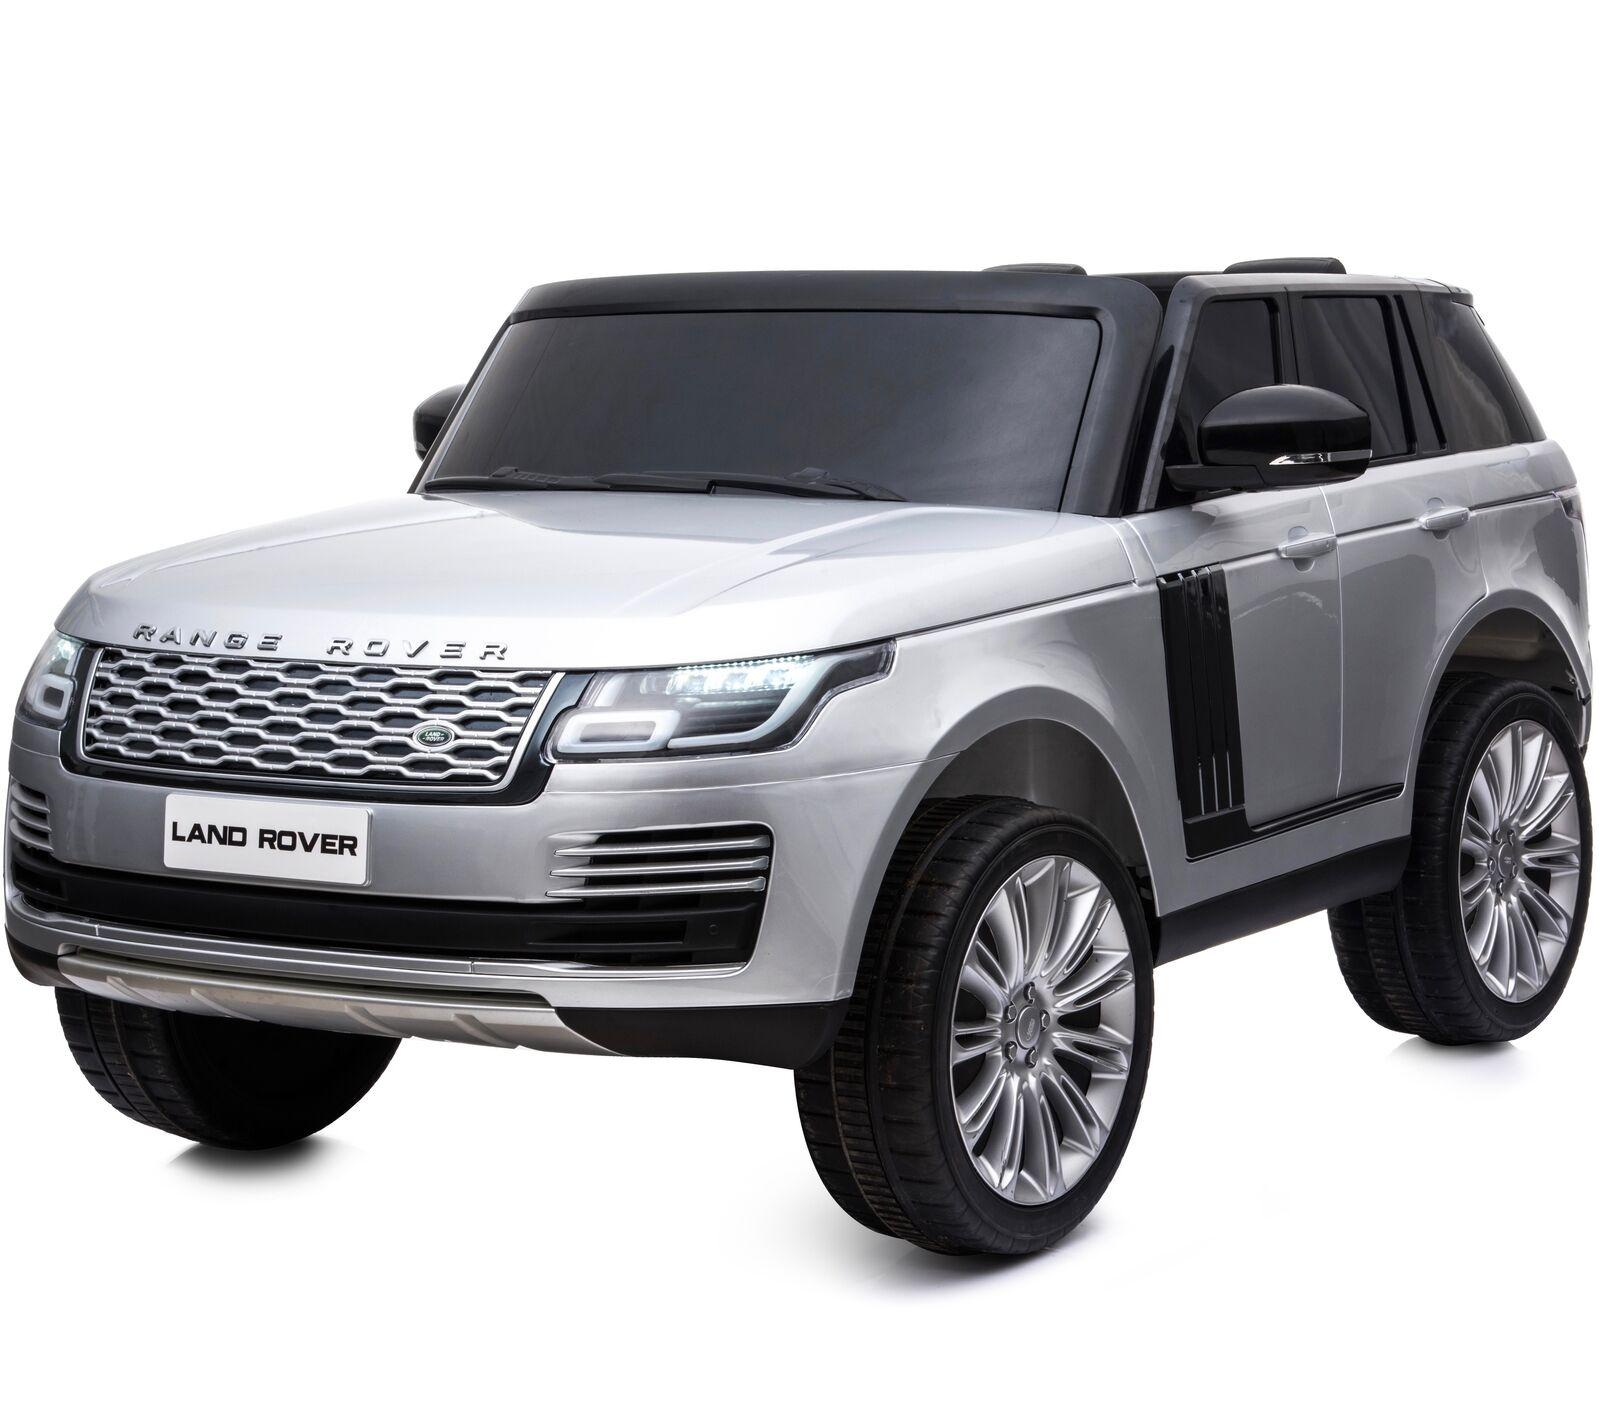 La patrulla autorizada de 24 voltios de Range Rover y la moda.